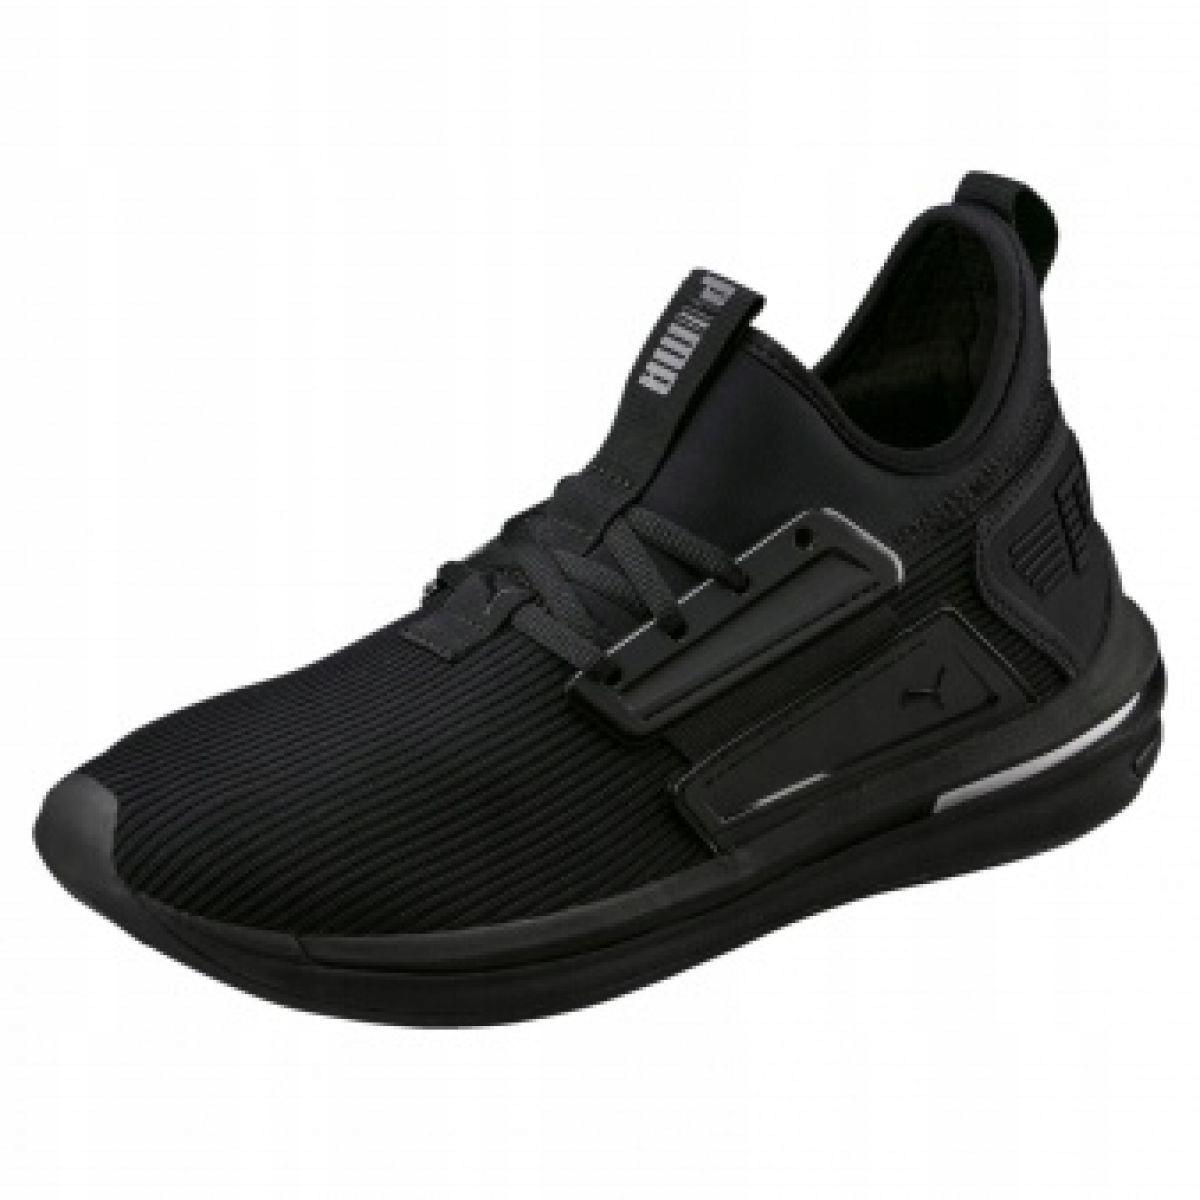 Shoes Puma Ignite Sr M 190482 01 black